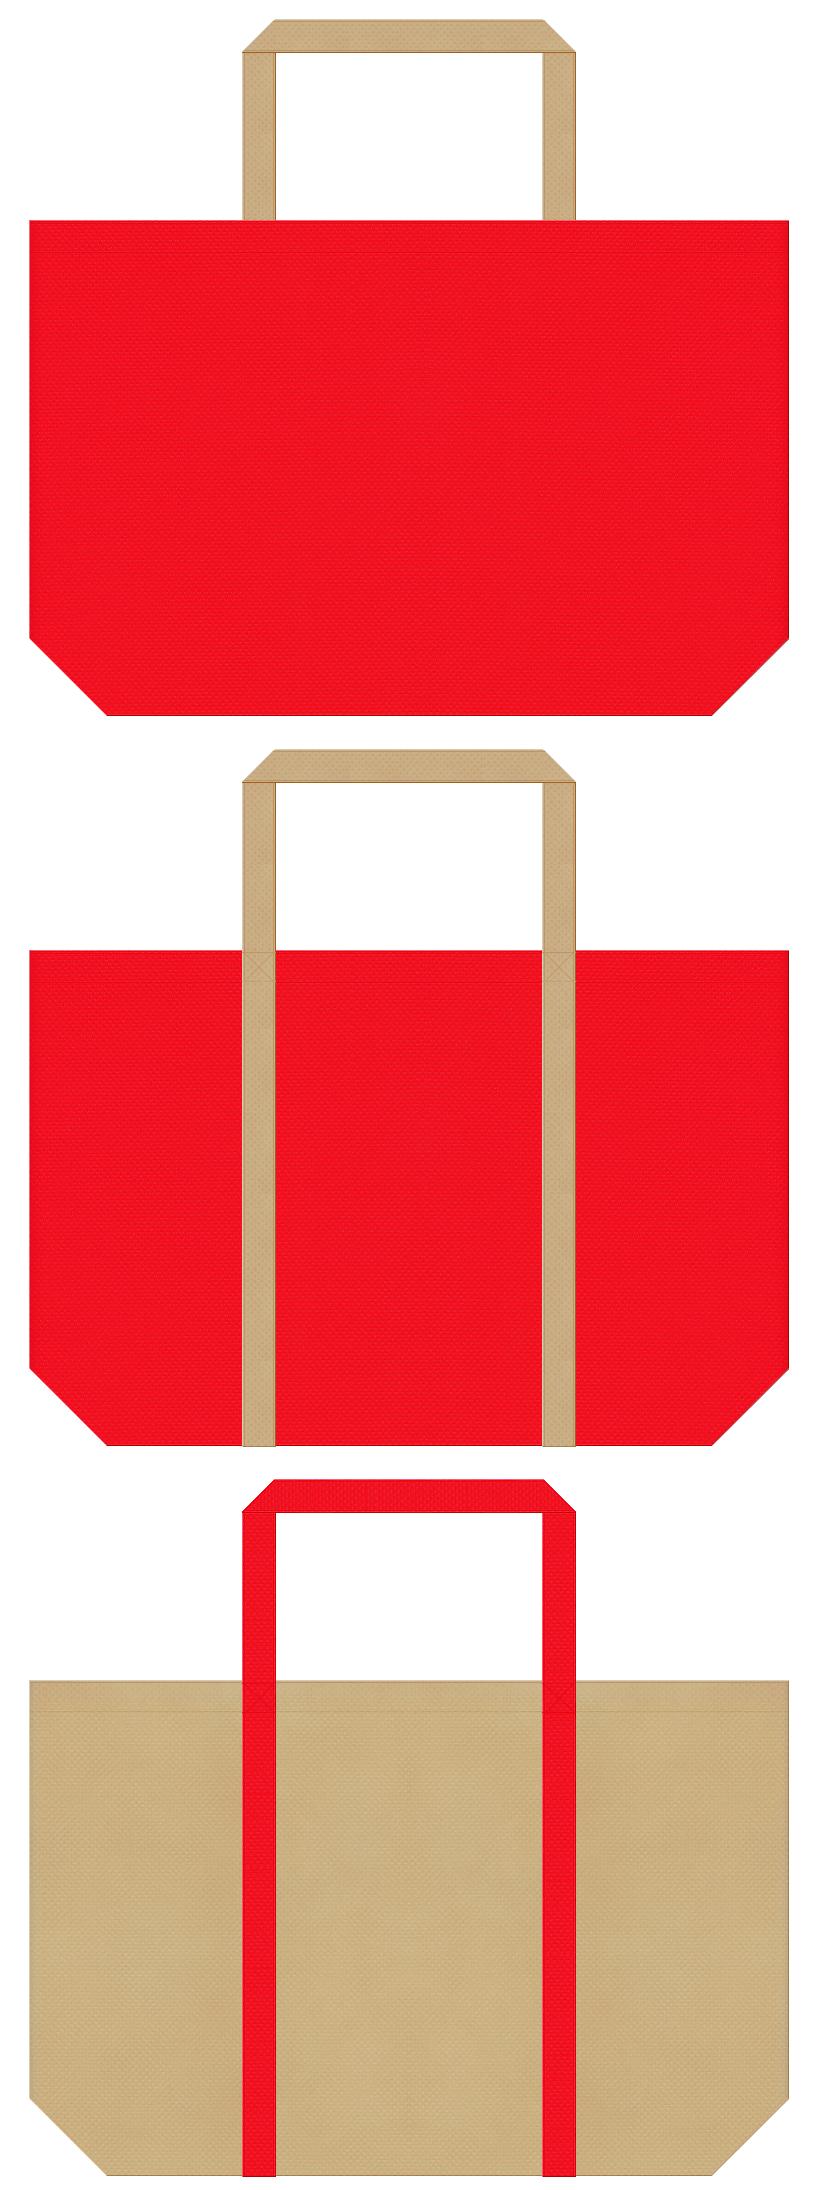 赤鬼・節分・大豆・一合枡・野点傘・茶会・お祭り・和風催事にお奨めの不織布ショッピングバッグのデザイン:赤色とカーキ色のコーデ